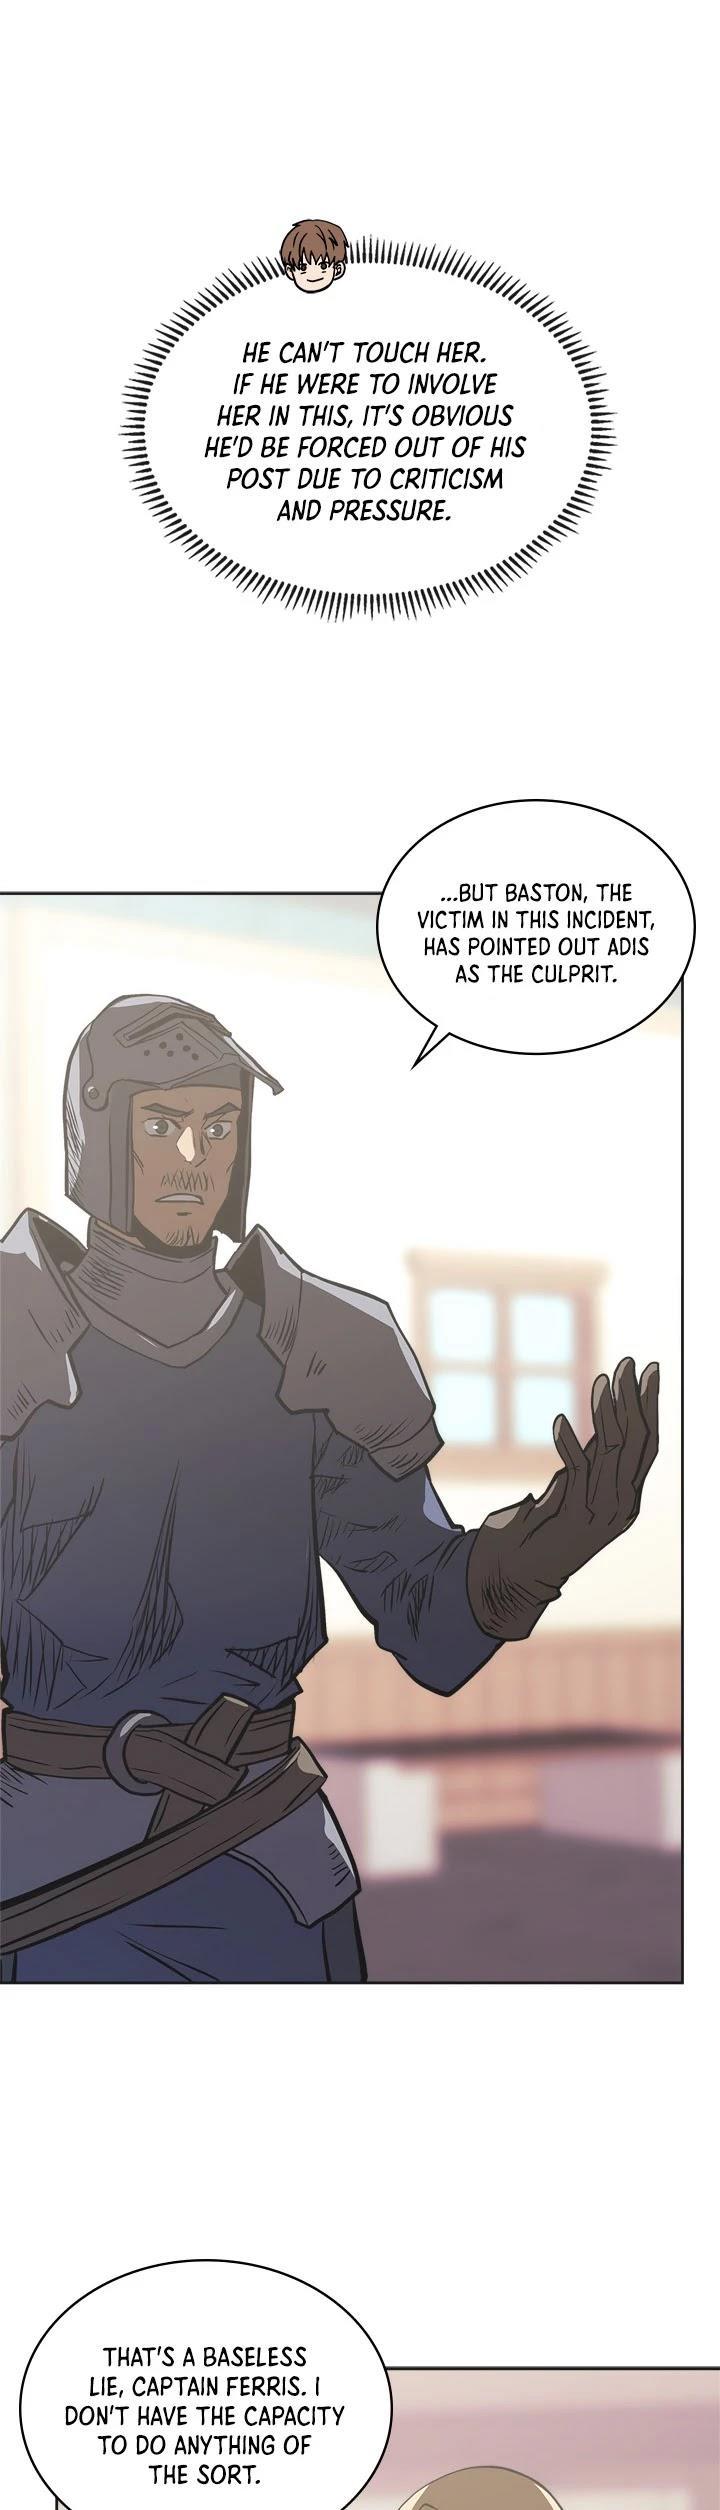 Other World Warrior Chapter 168: Season 4 Ch 56 page 35 - Mangakakalot